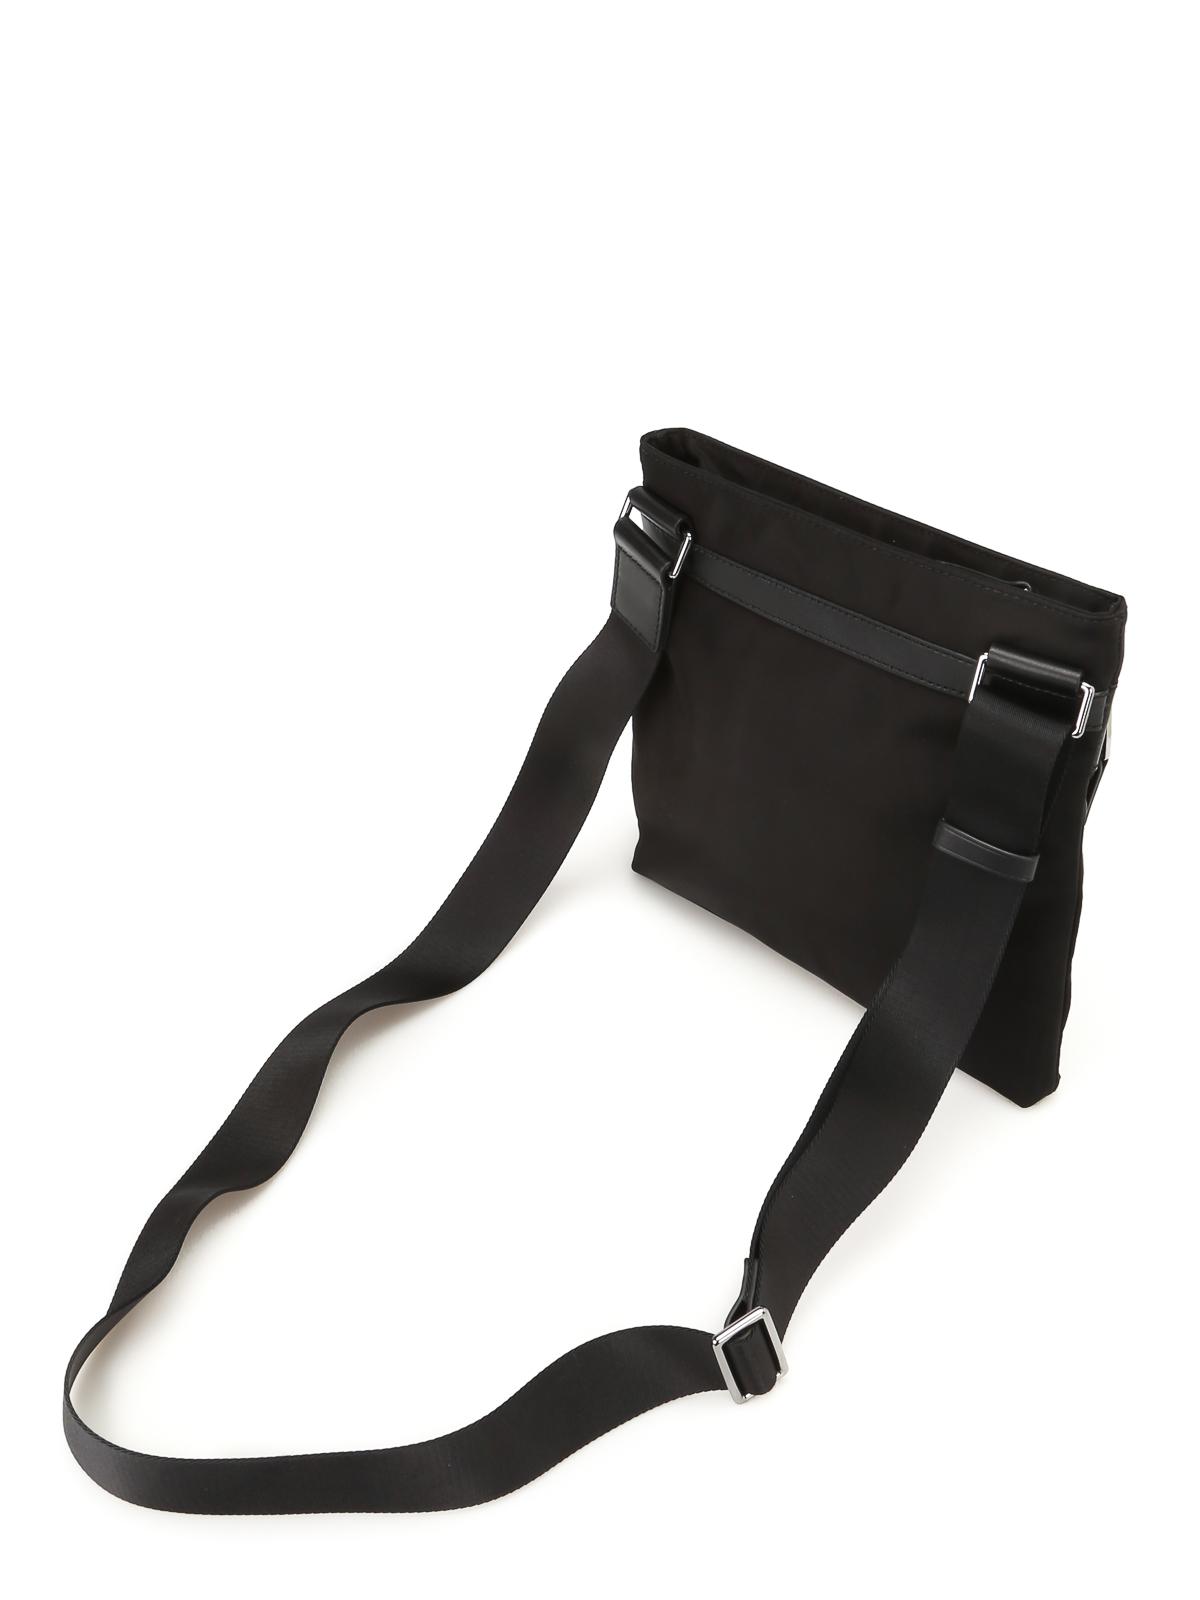 81374b827ed1 iKRIX MICHAEL KORS  cross body bags - Kent medium nylon cross body bag